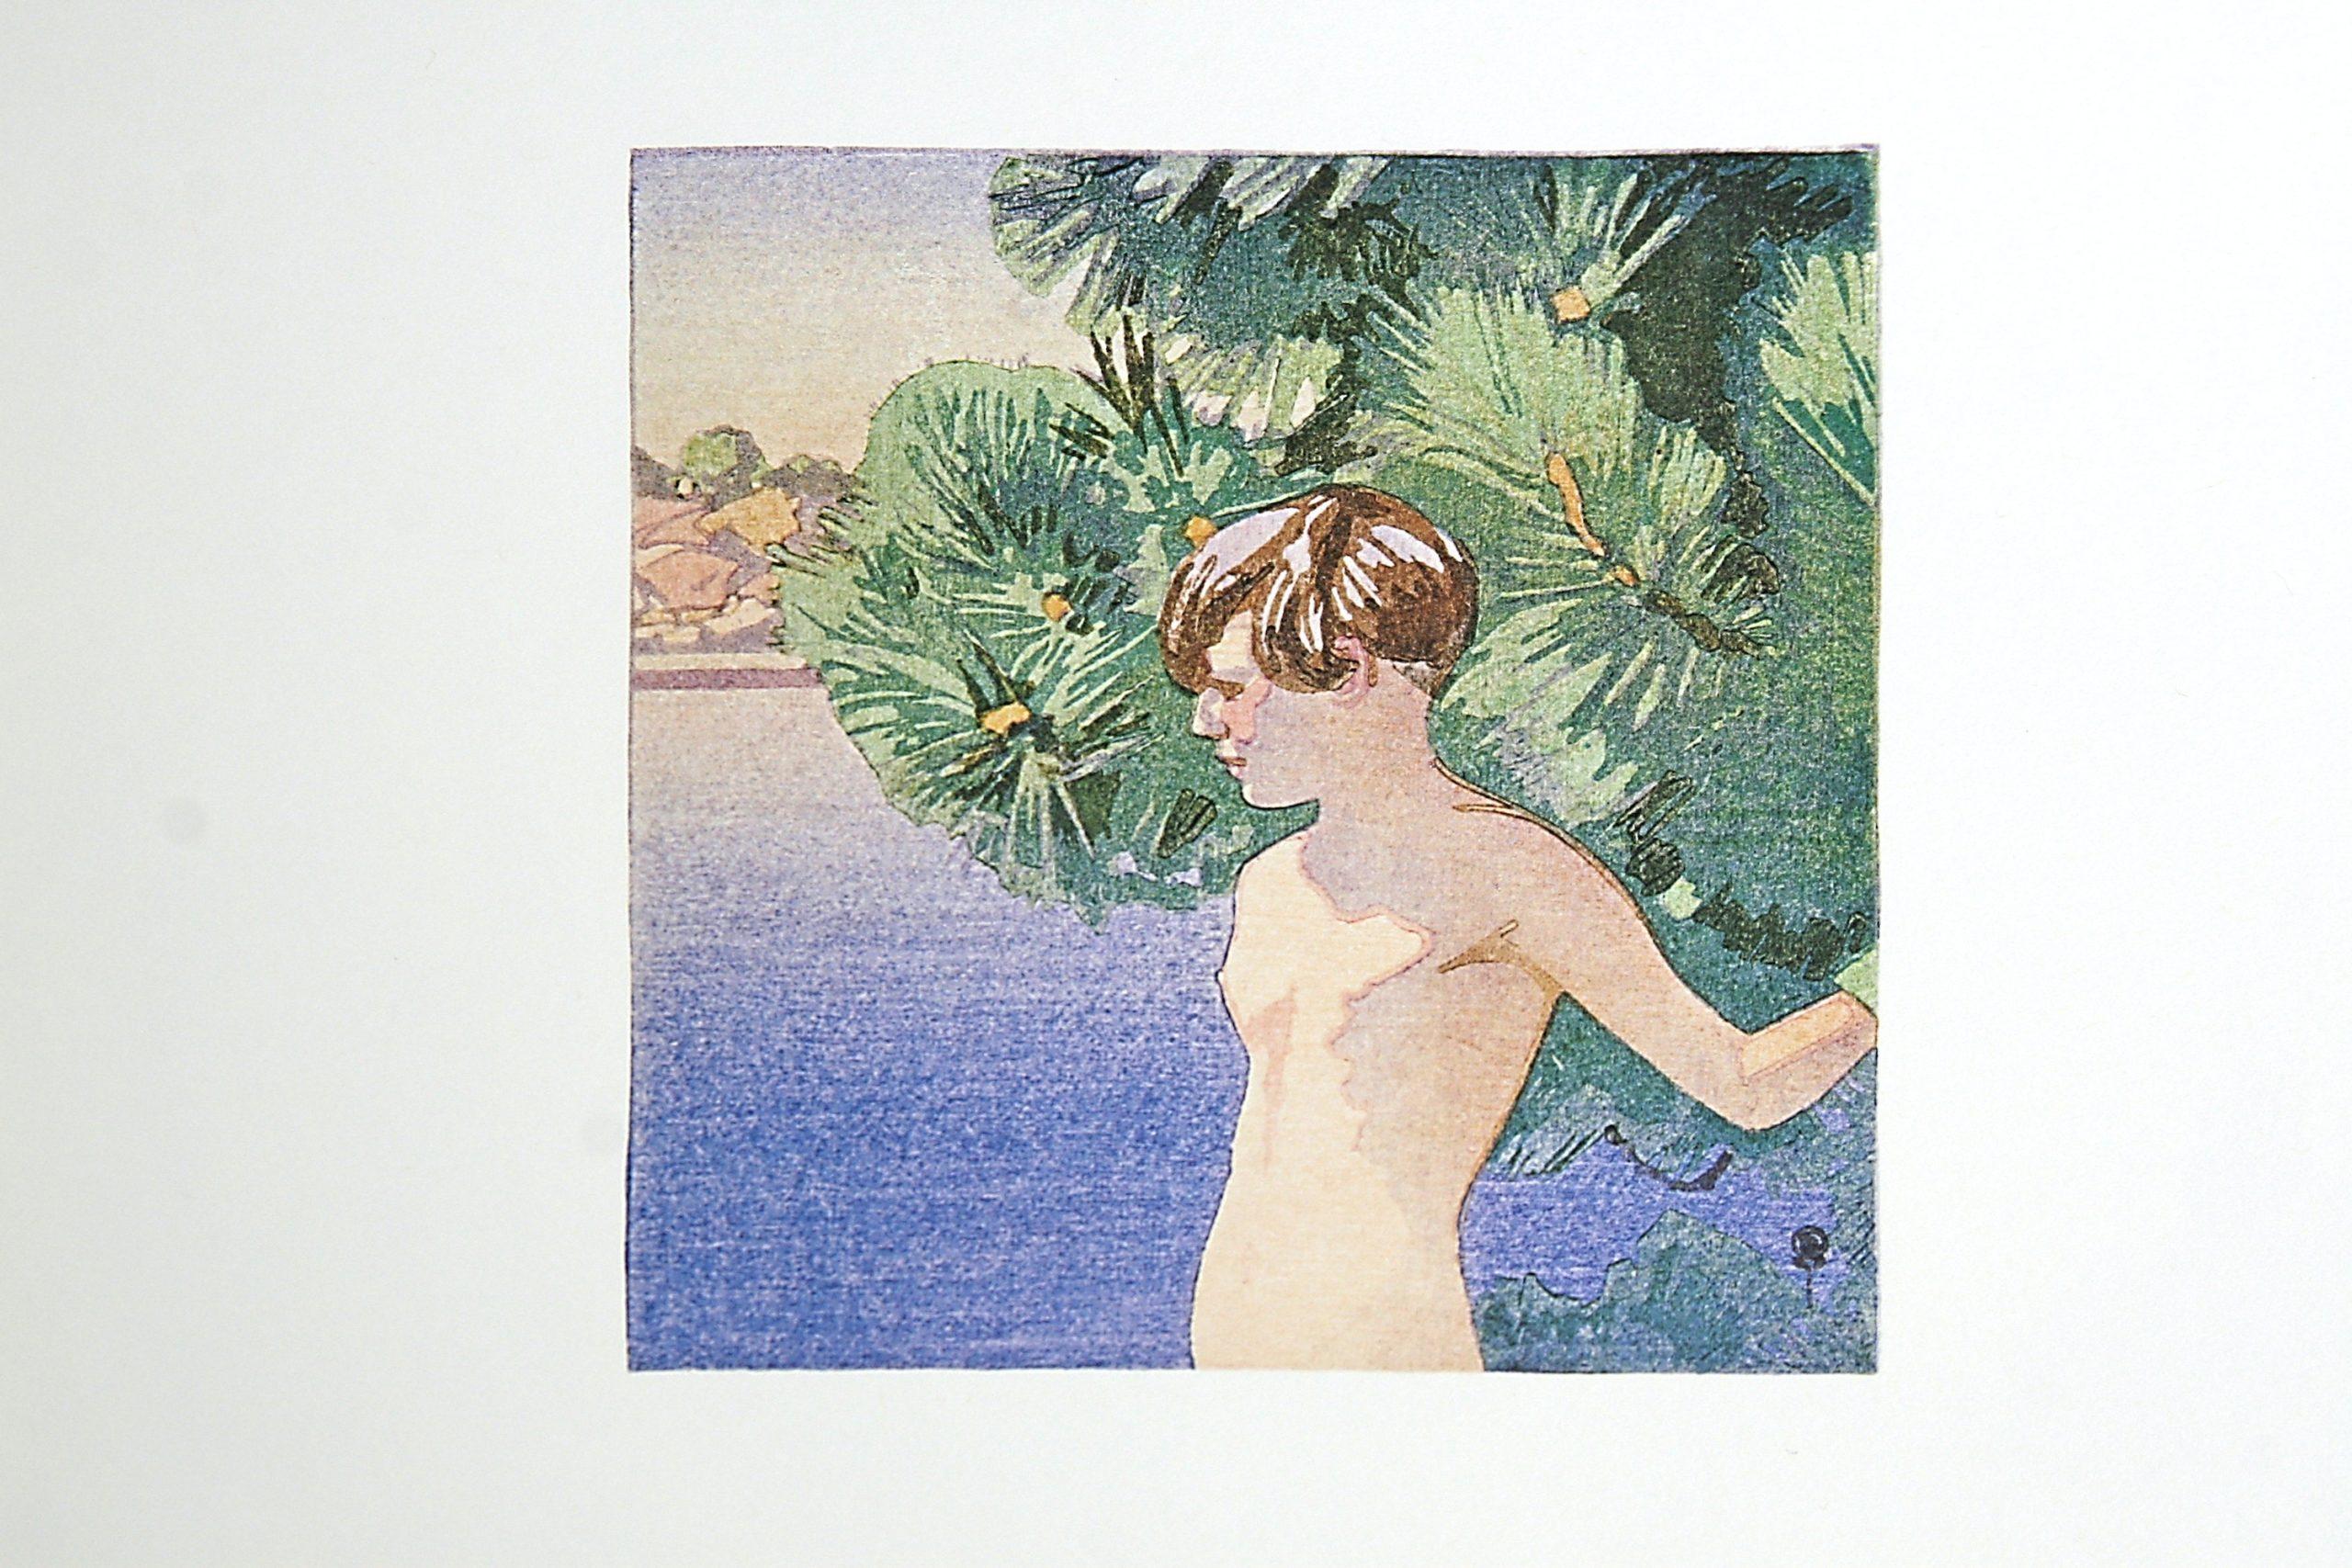 Mary at Muskoka by WJ Phillips